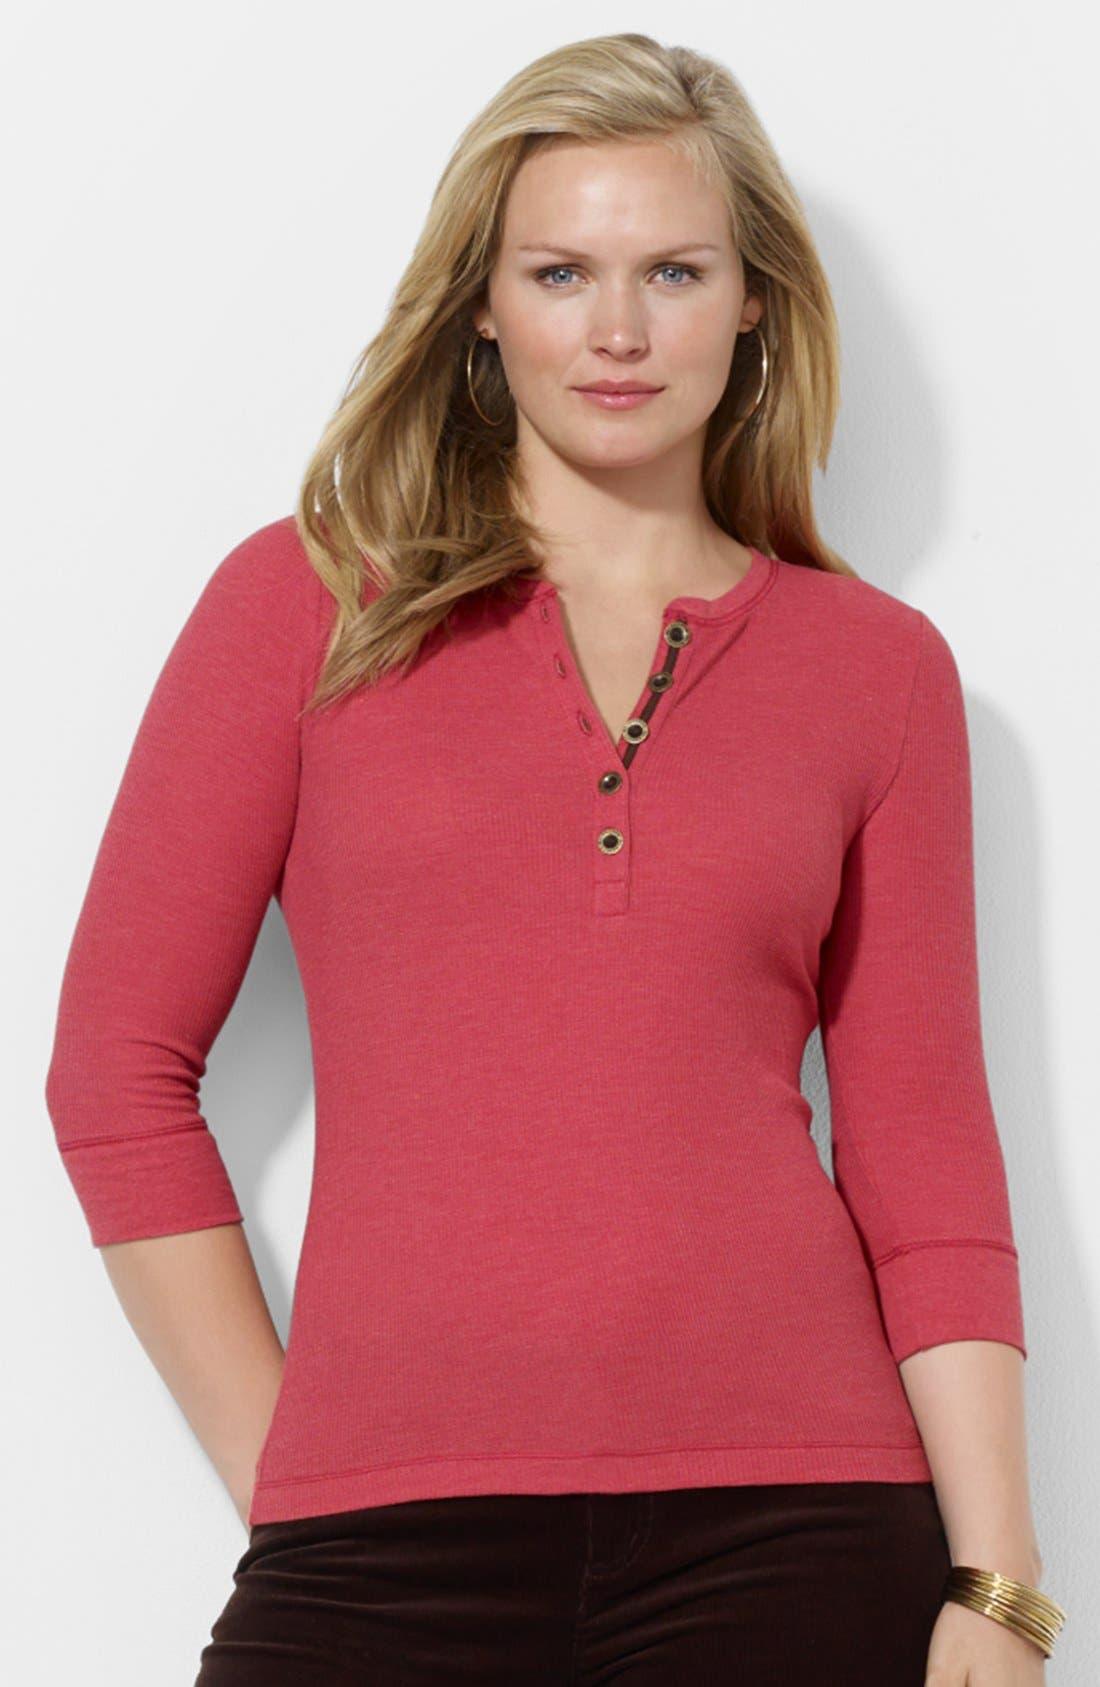 Alternate Image 1 Selected - Lauren Ralph Lauren Waffle Knit Henley Top (Plus Size)